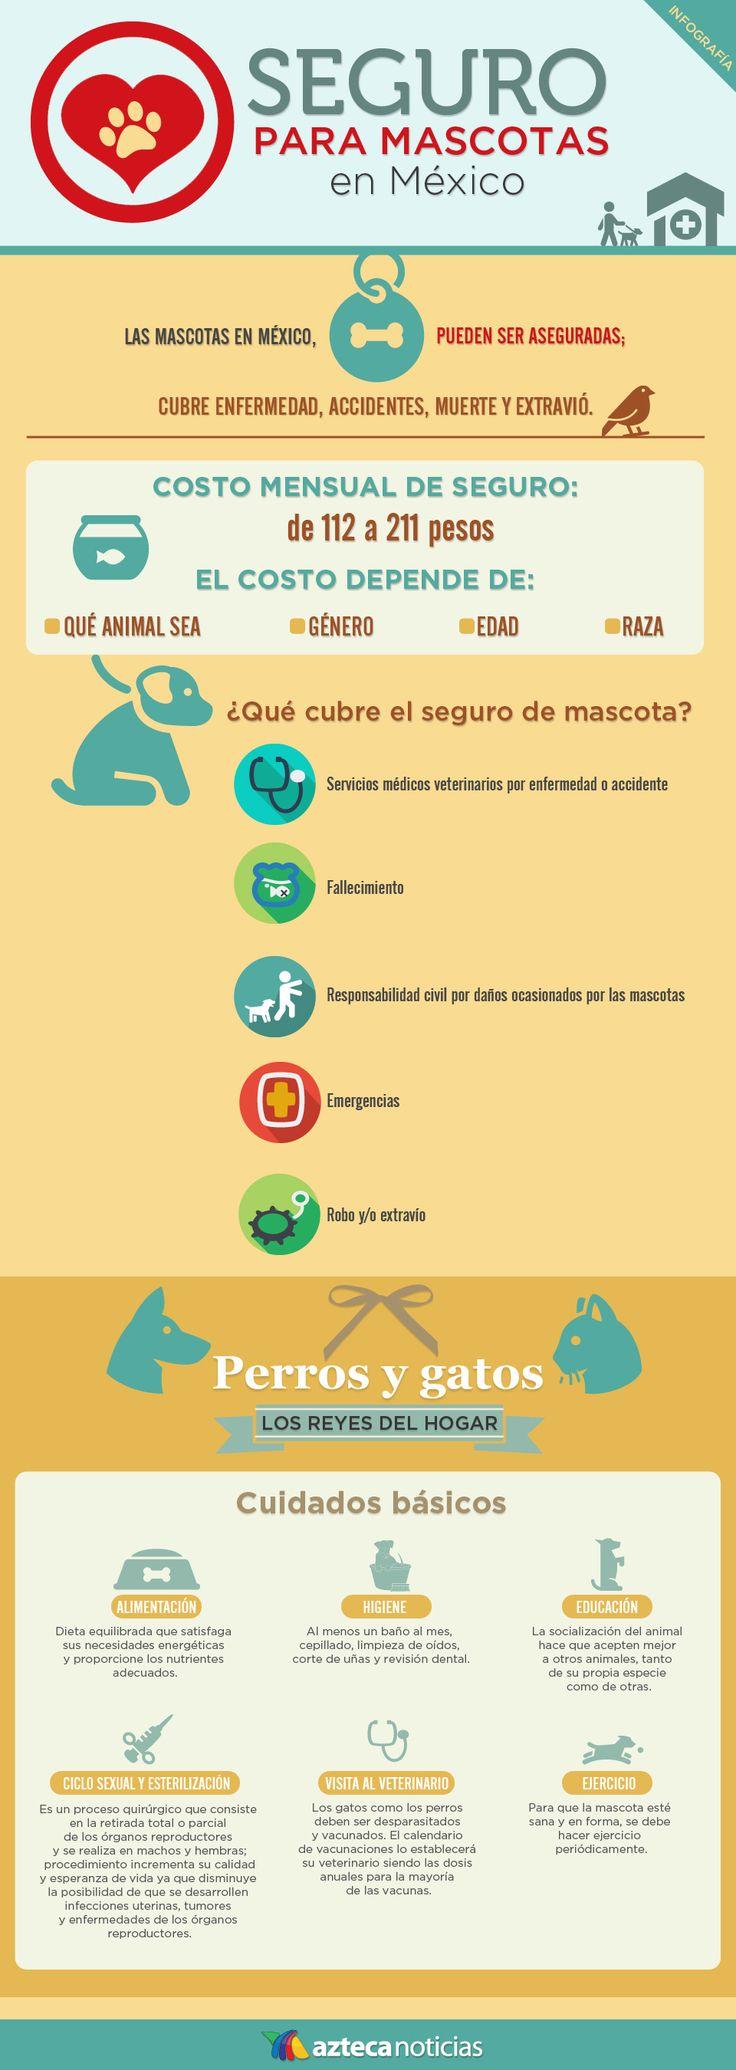 Seguro para mascotas en México